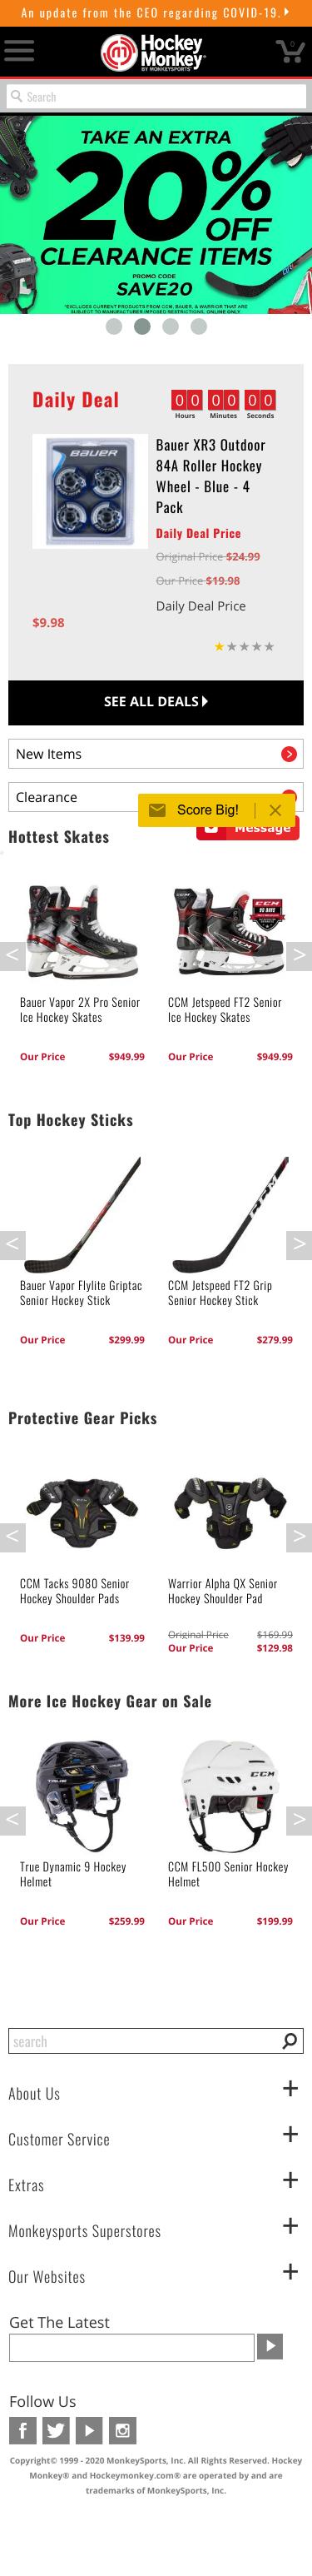 HockeyMonkey.com Coupon